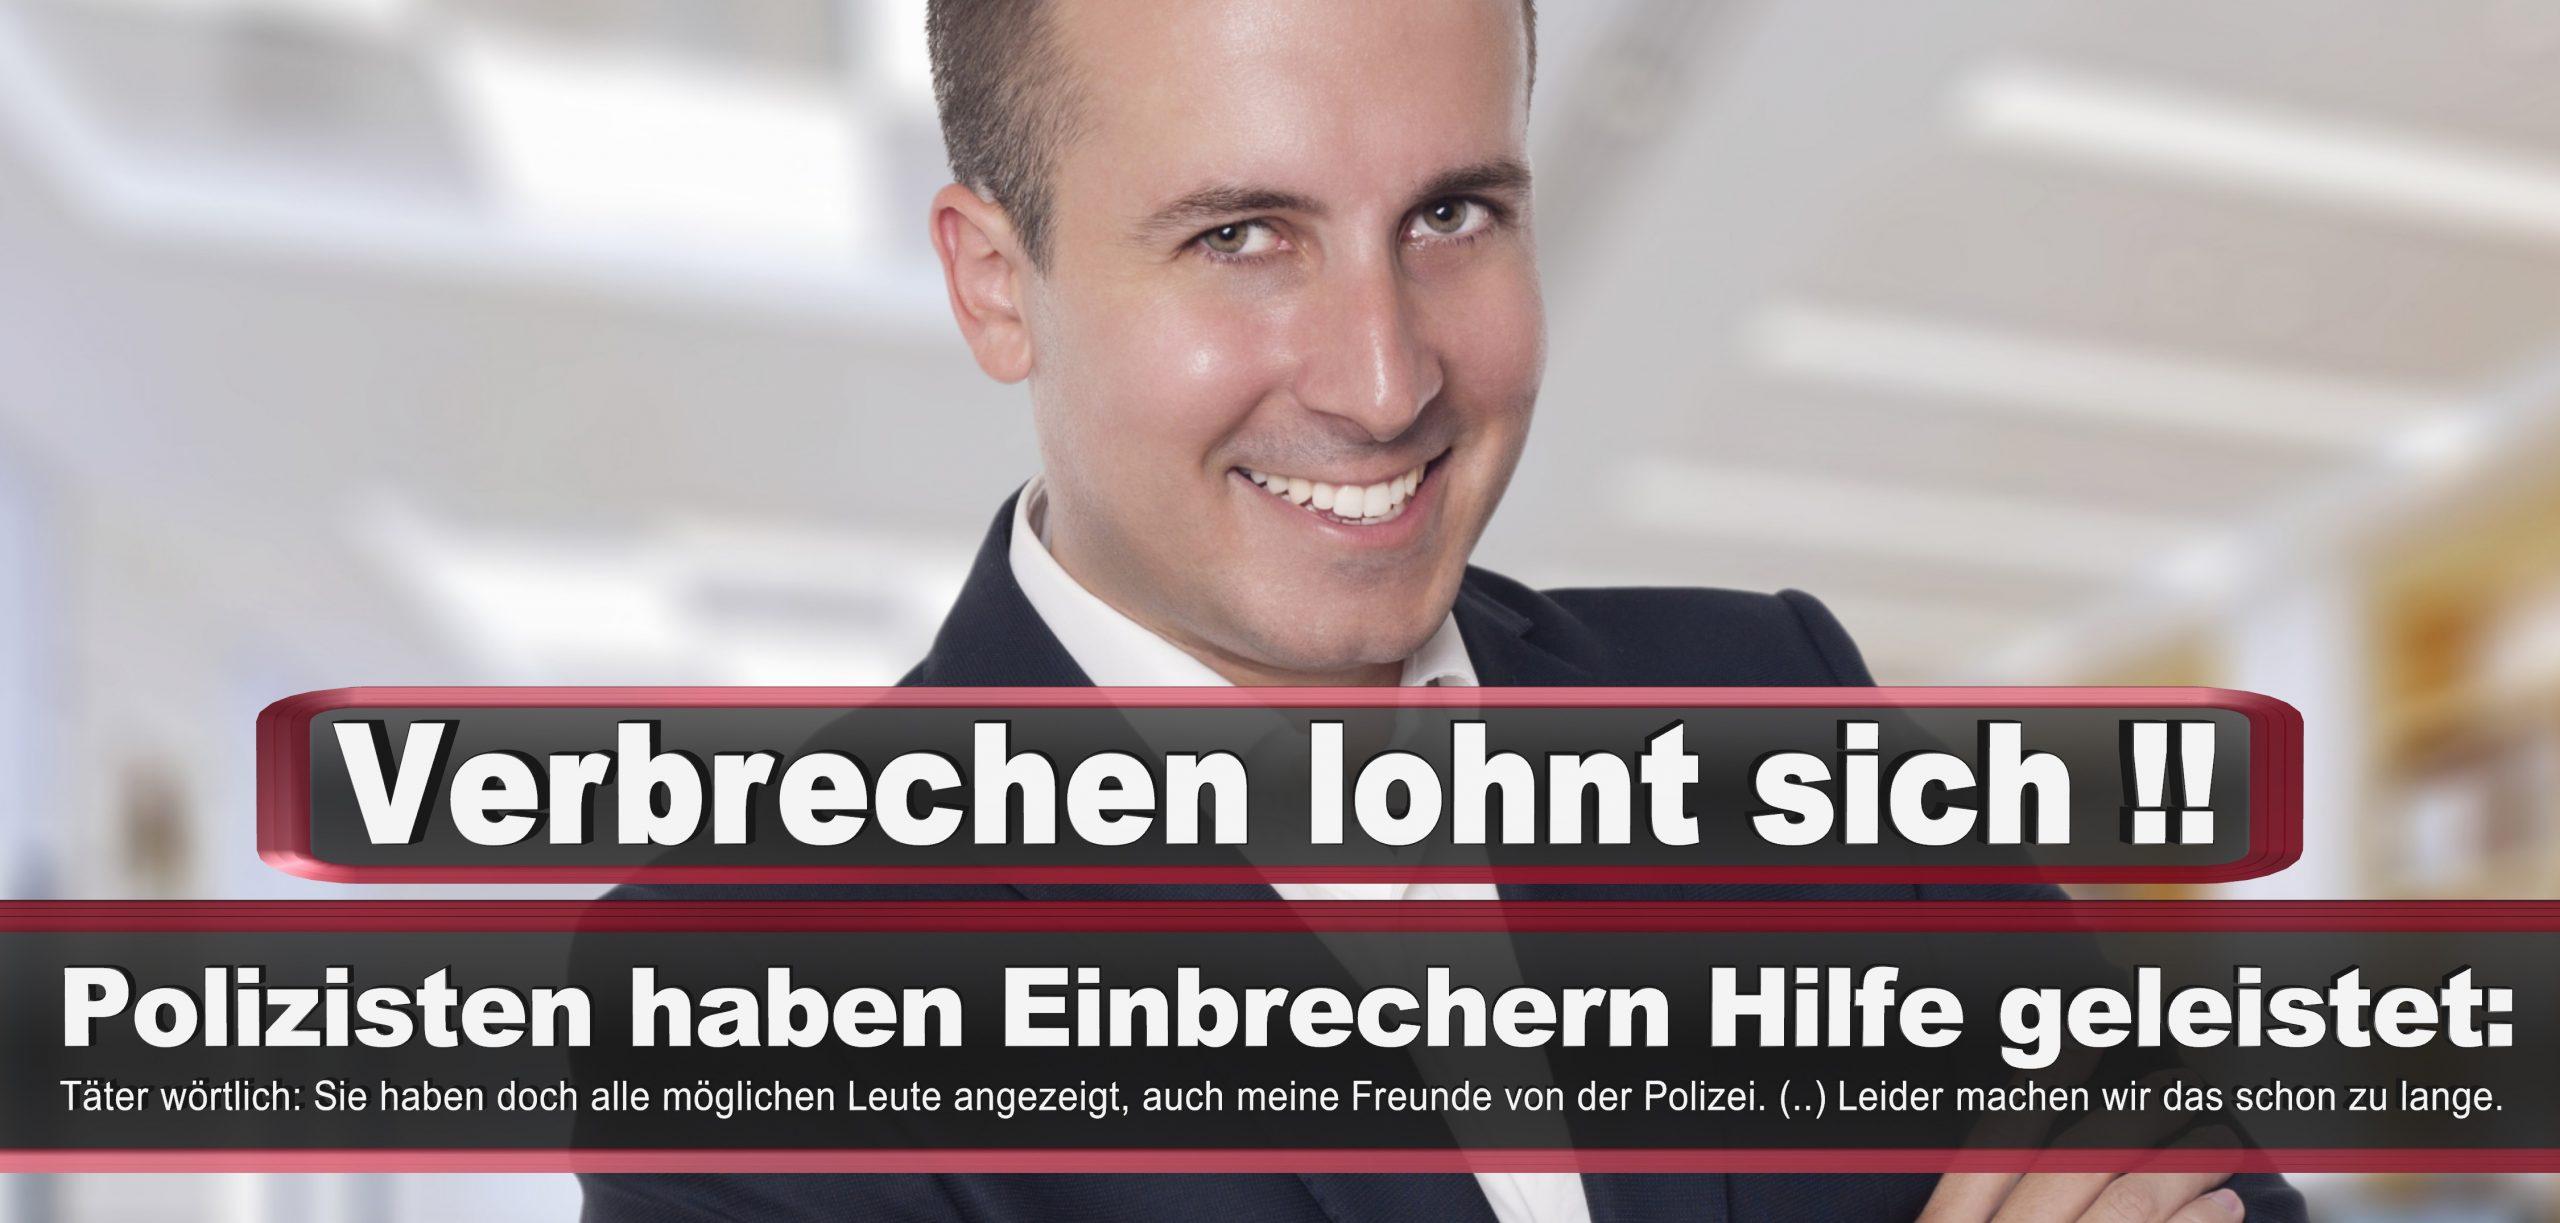 Bundestagswahl 2021 Wahlplakate CDU SPD FDP AFD Grüne Linke Stimmzettel Prognose Umfrage Kandidaten Parteien Datum (39)